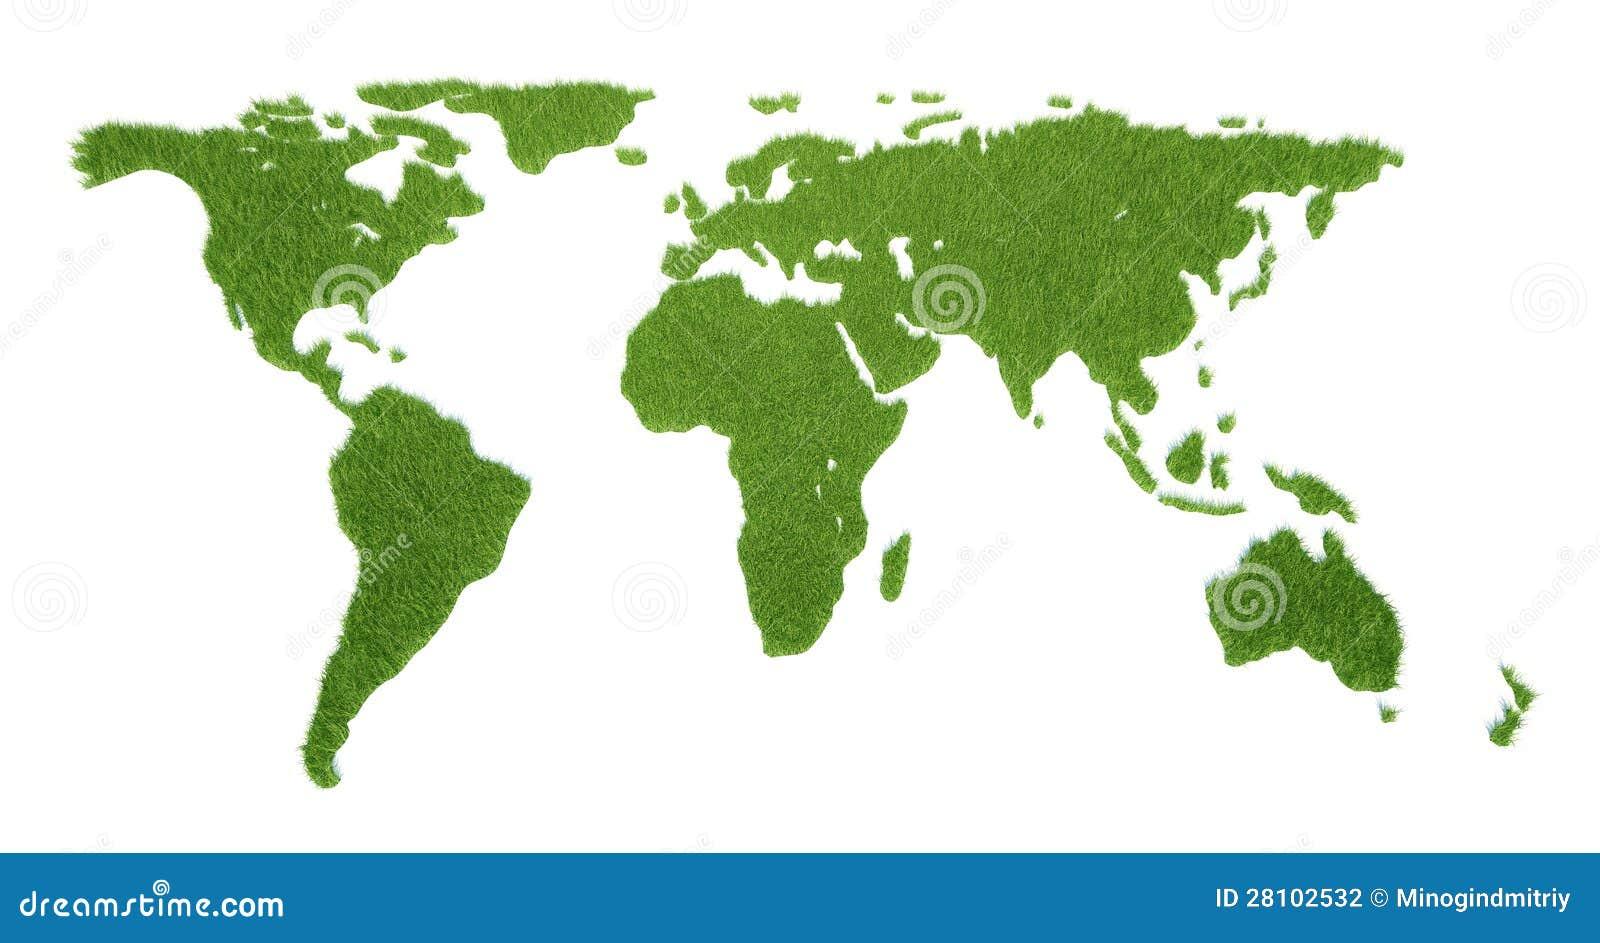 世界地图 图库摄影 - 图片